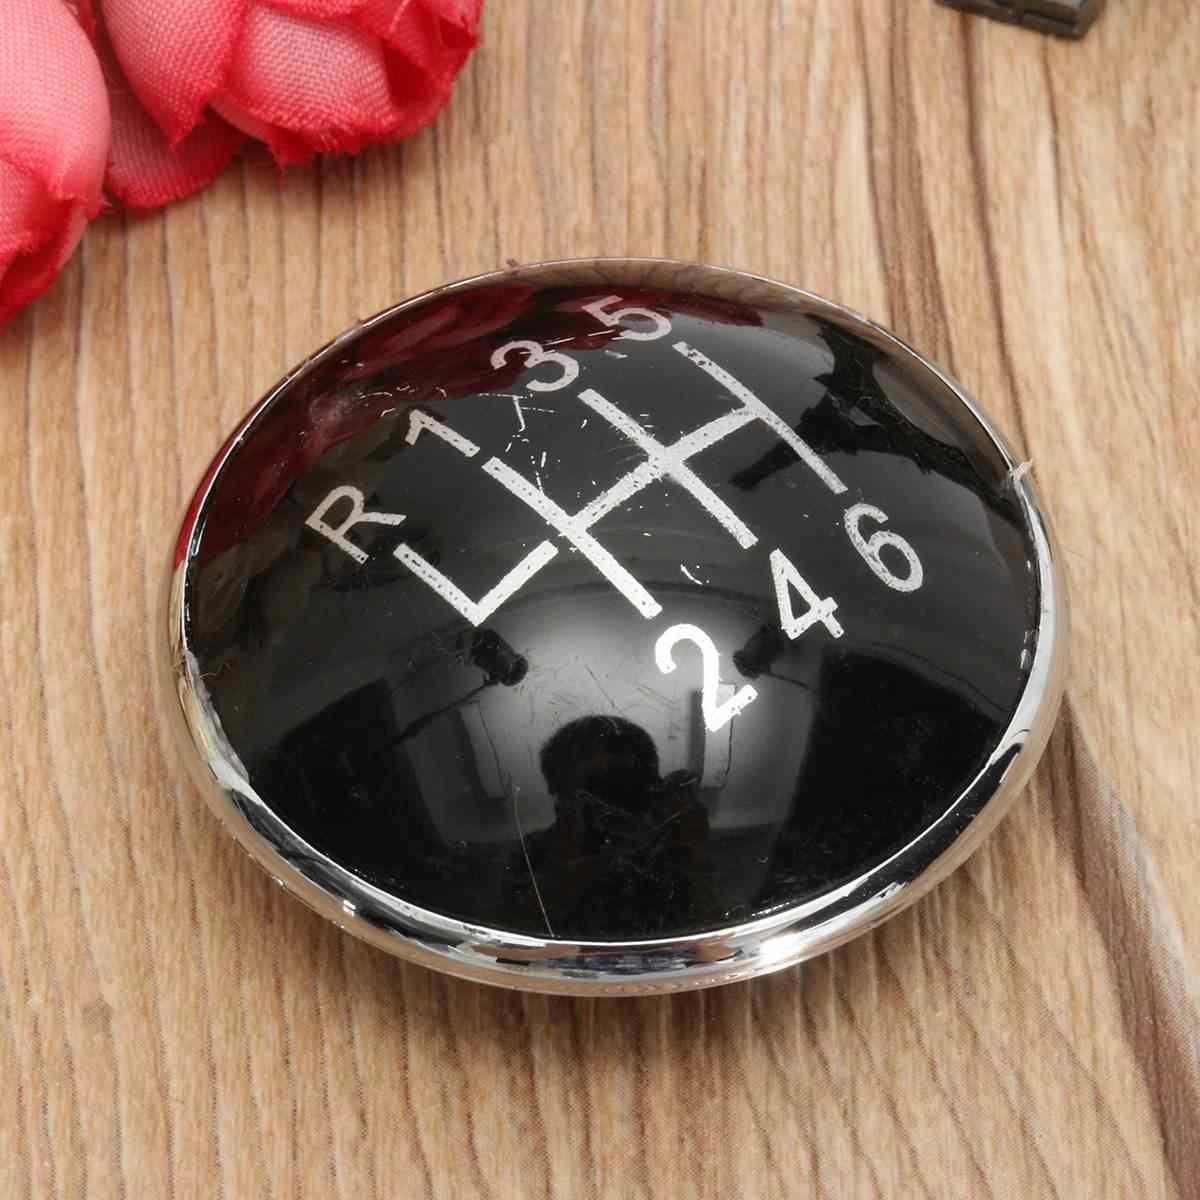 5 Speed 6 Speed Zwart Pookknop Emblem Badge Cap Fit Voor Volkswagen Golf V MK5 2003-2009